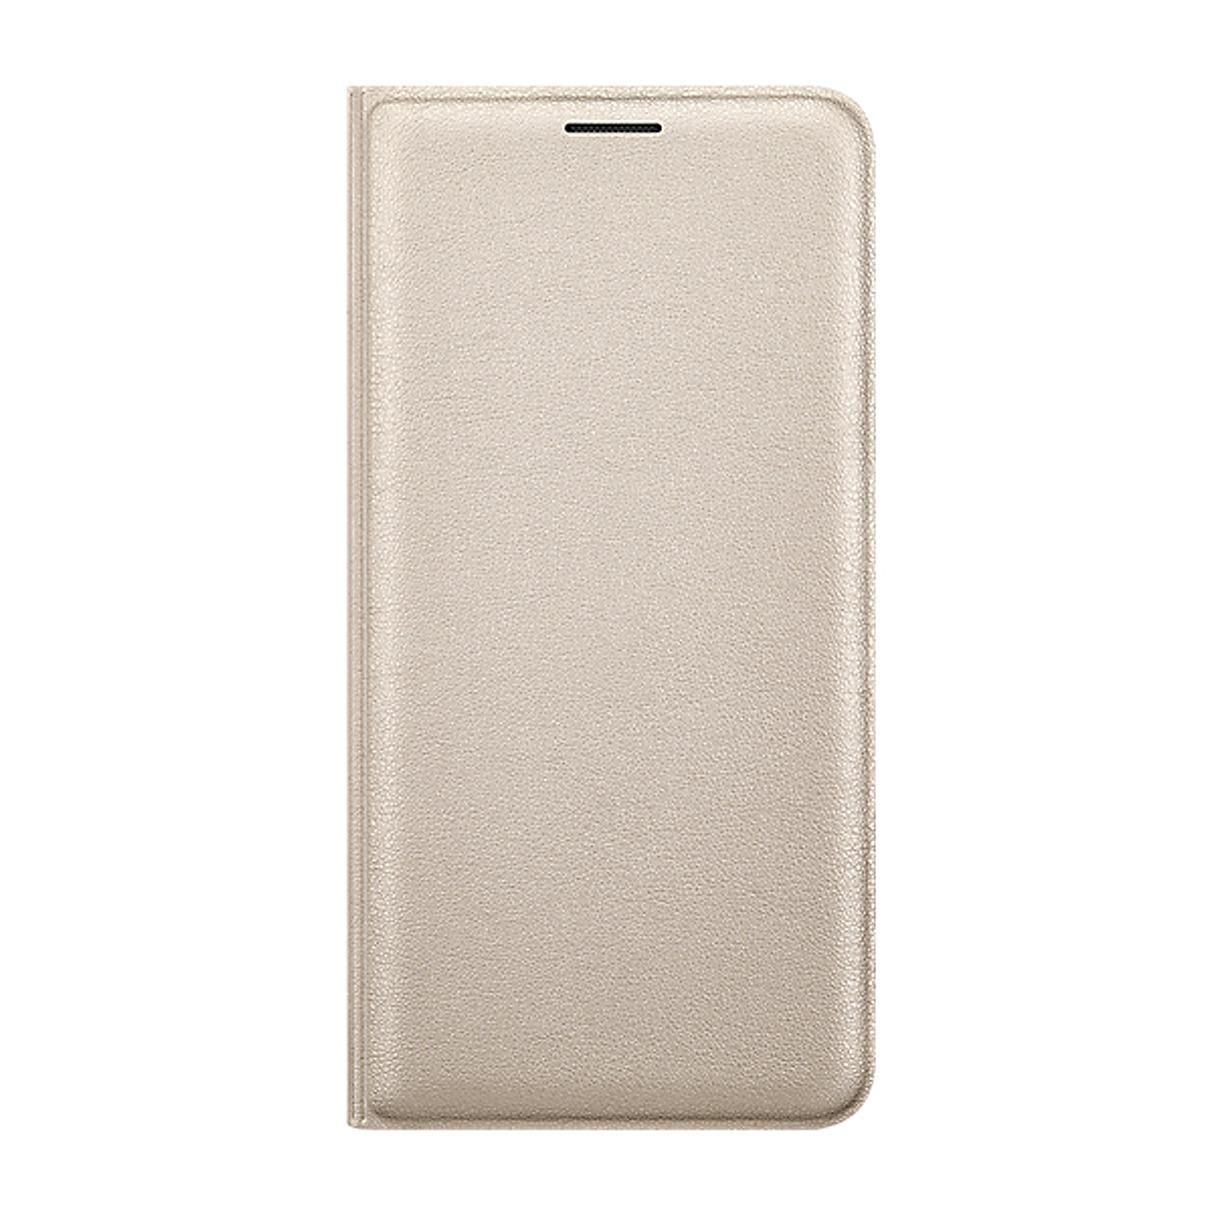 Samsung EF-WJ510PFEGWW Samsung Flip Wallet Galaxy J5 2016 Gold (EF-WJ510PFEGWW)